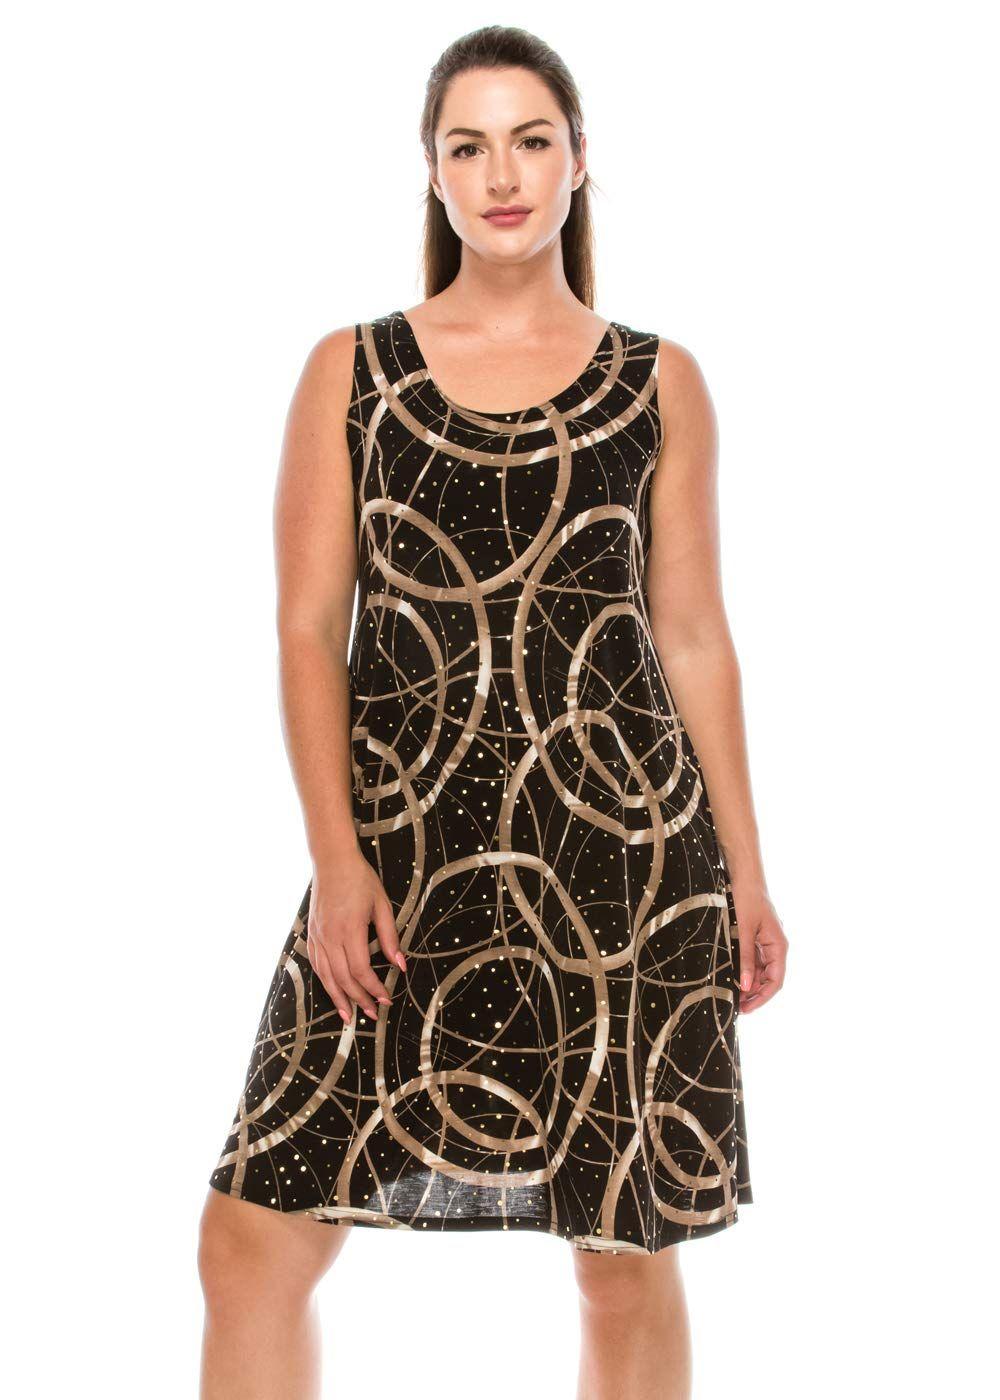 Jostar womens glitter missy tank dress sleeveless glitter